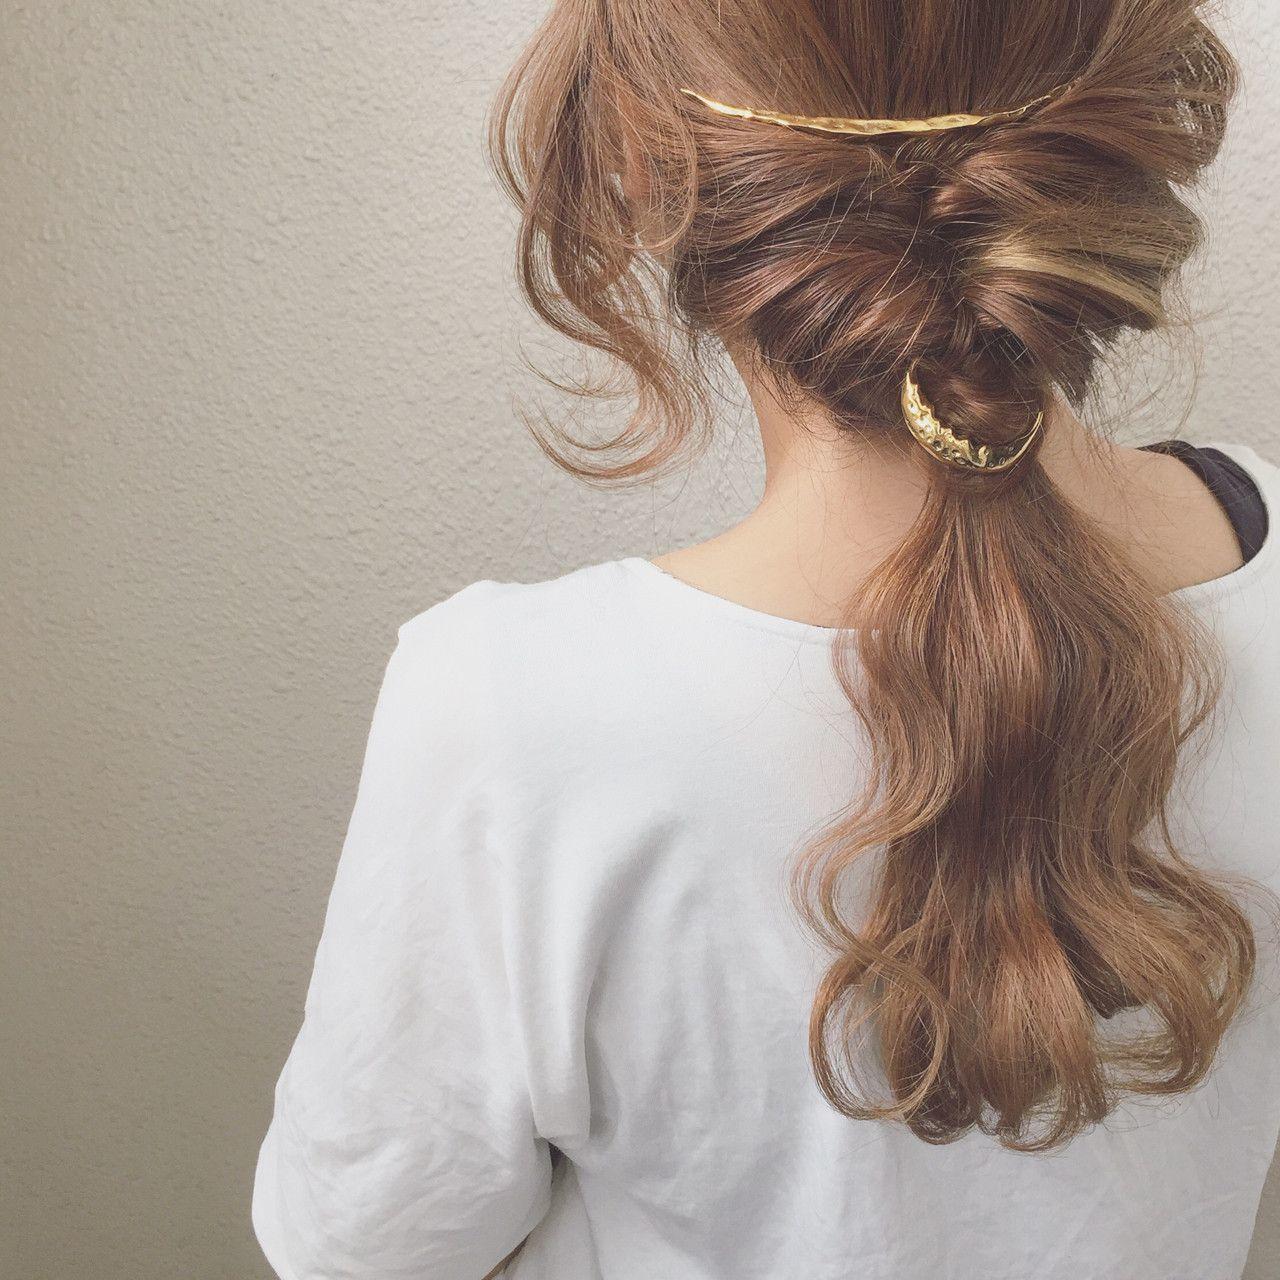 髪型別《簡単ヘアアレンジやり方入門編》かわいい髪型講座開講です♡の35枚目の画像